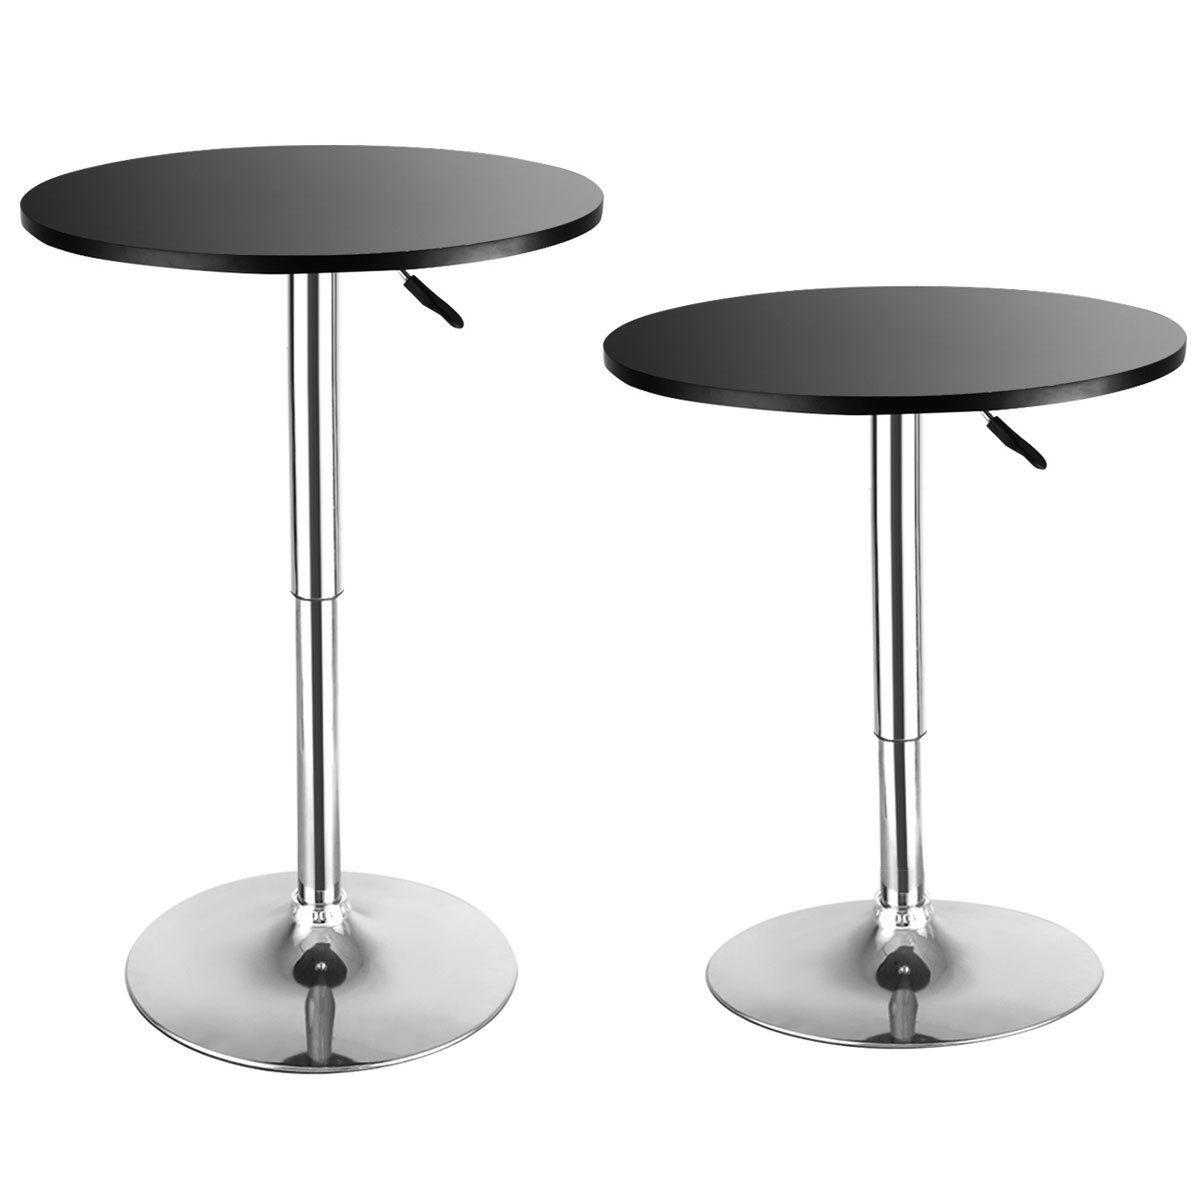 Costway lot de 2 Table de Bar ronde moderne réglable bistrot Pub comptoir bois dessus pivotant